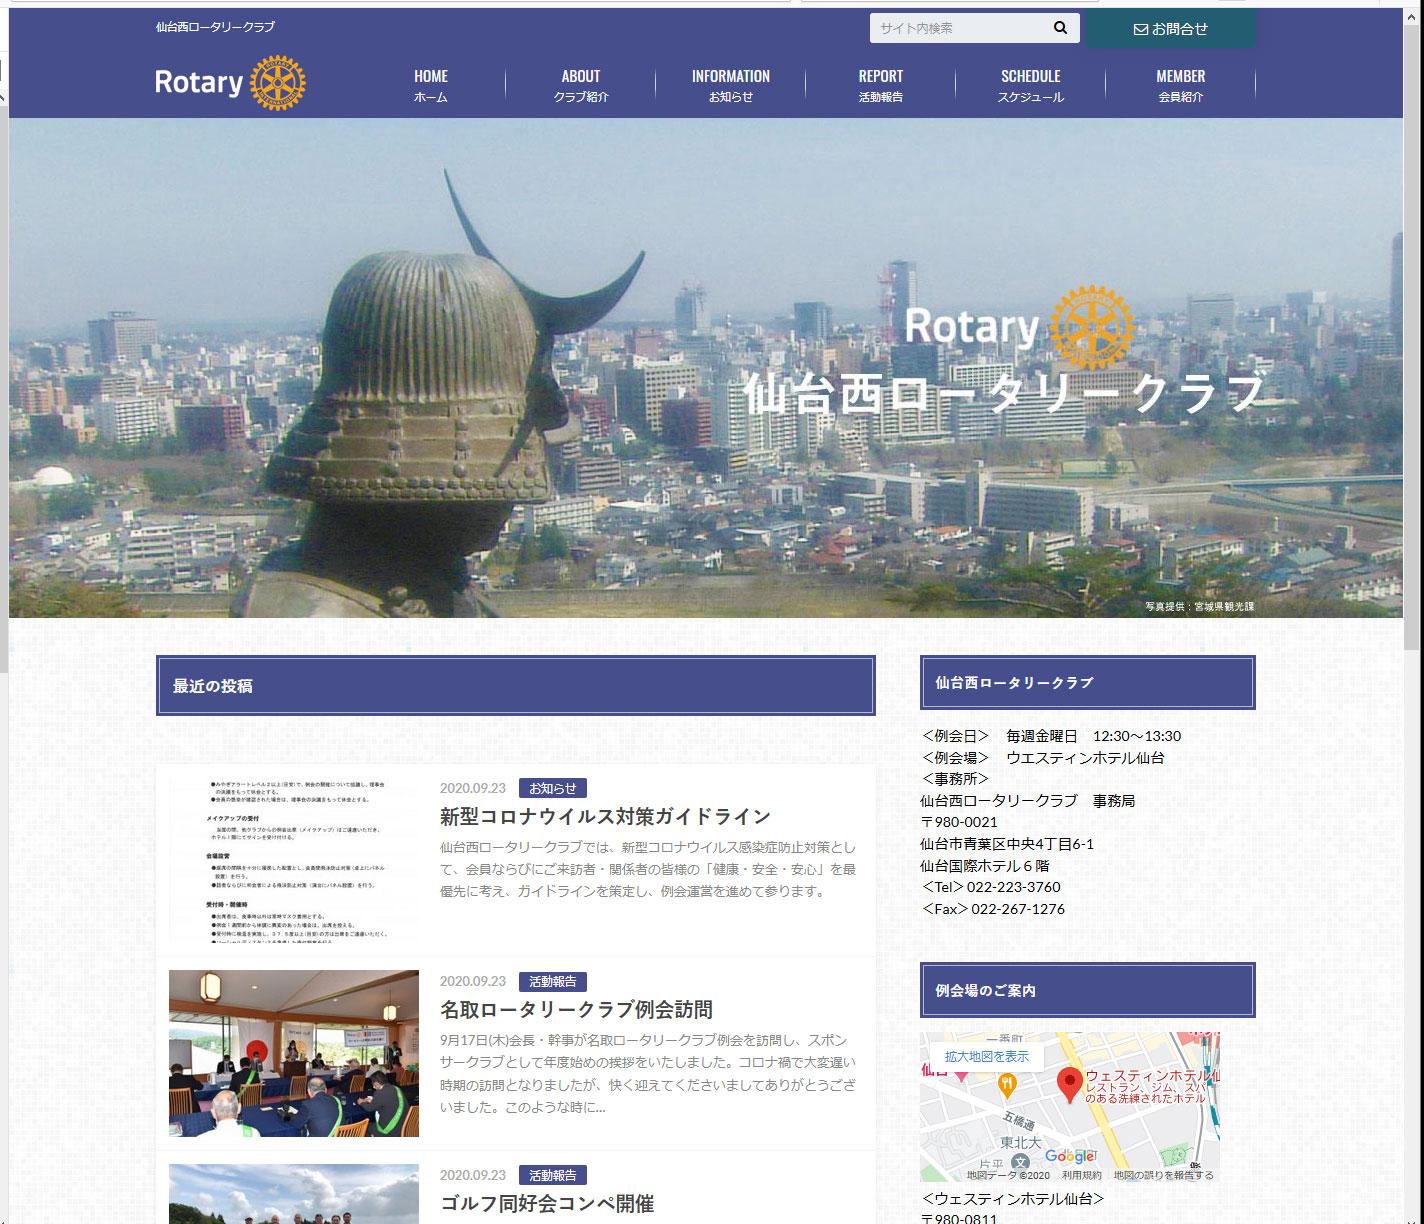 仙台西ロータリークラブ